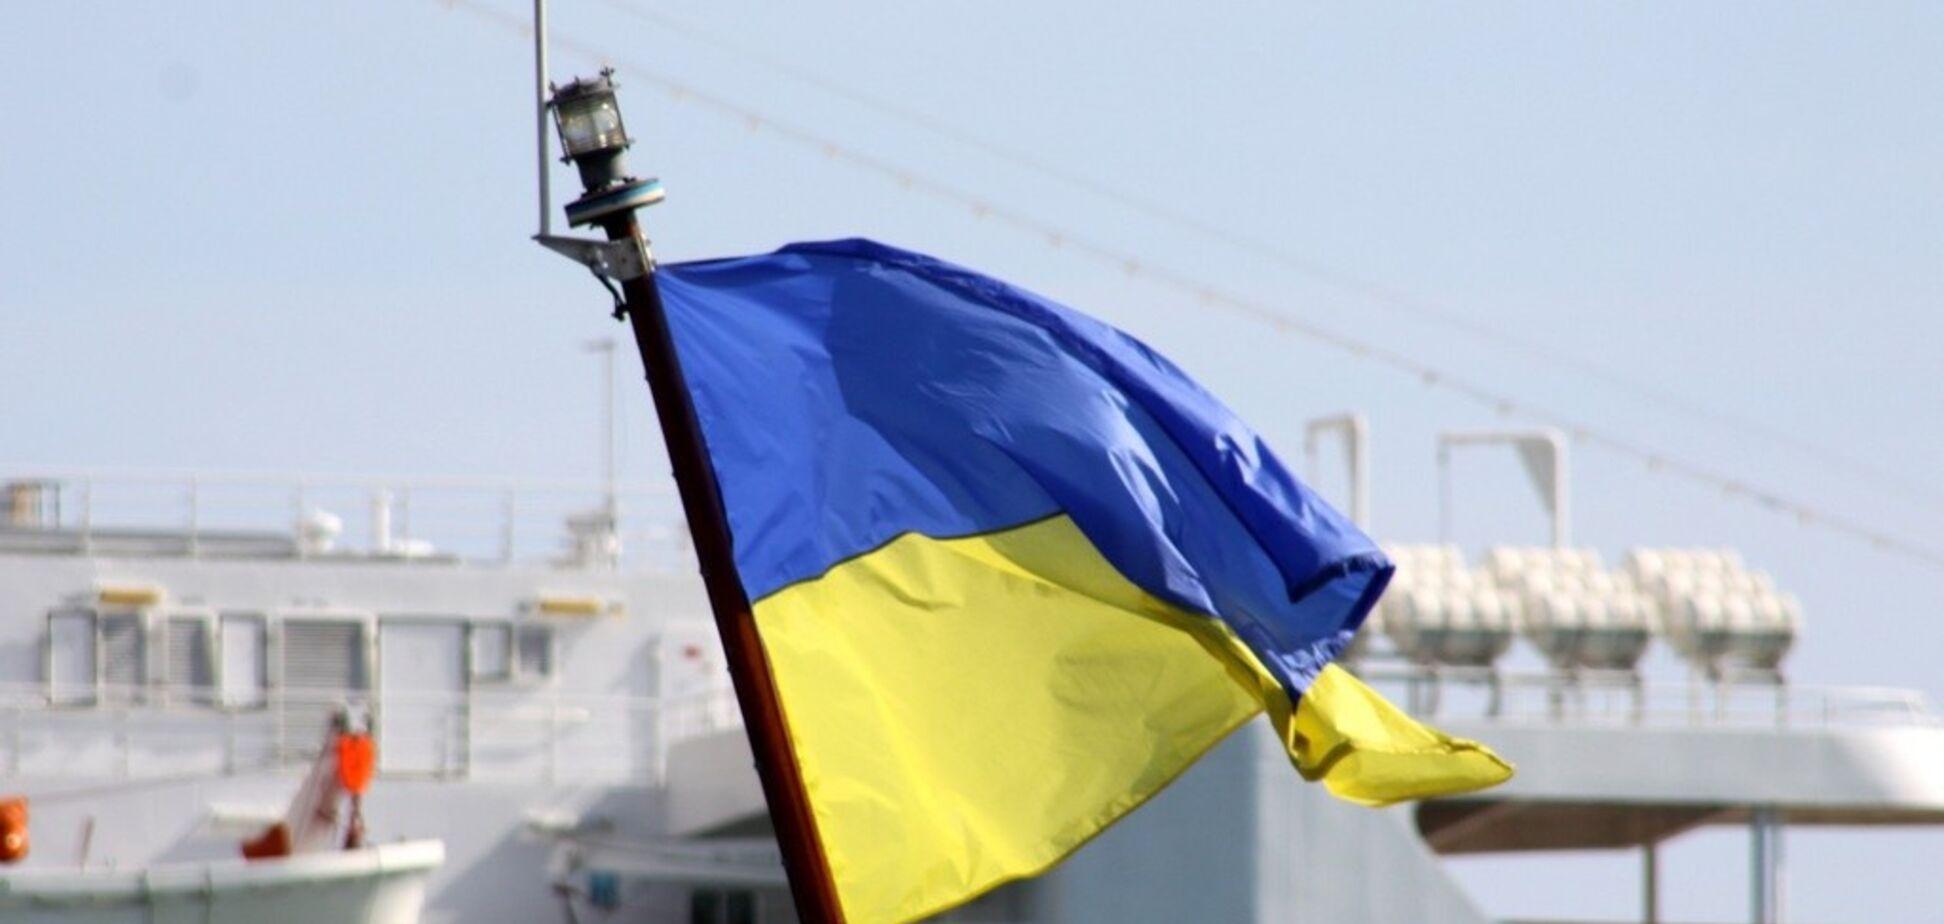 У Чорному морі затримали кримський корабель під прапором України: що відомо